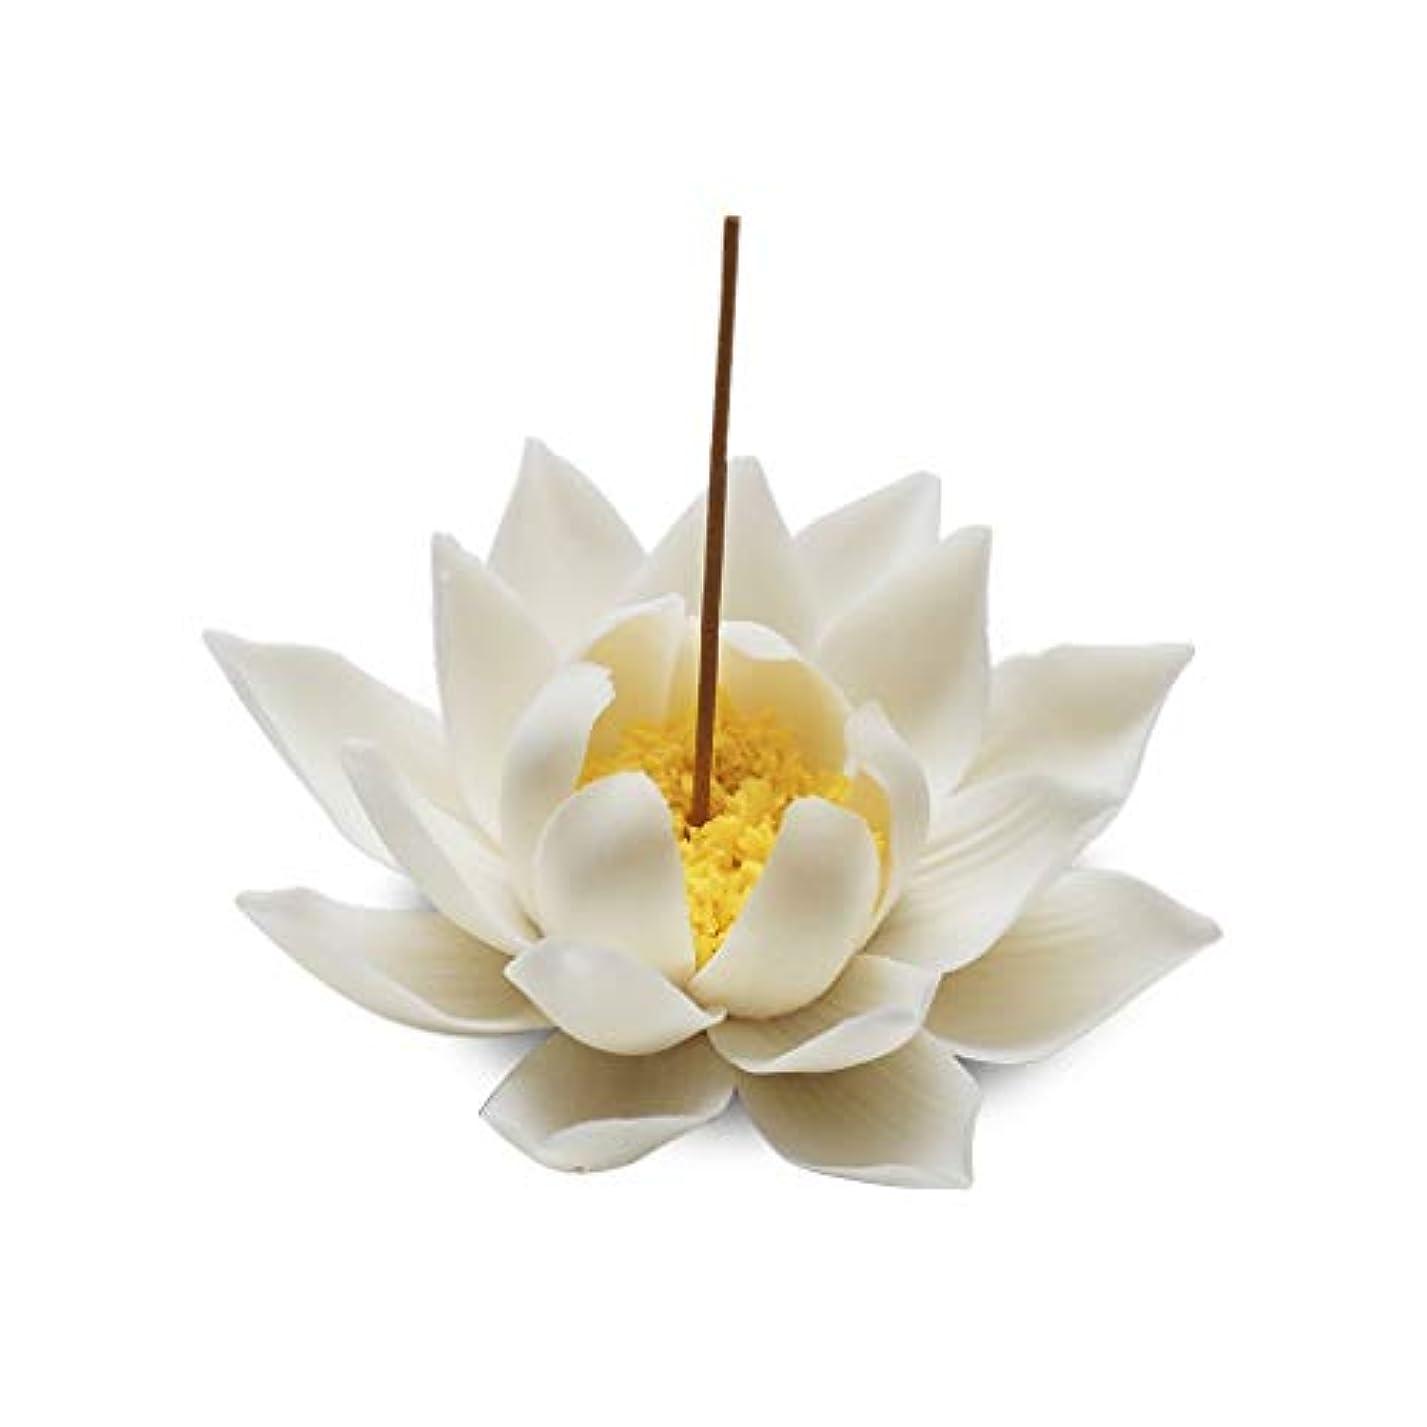 最初は事件、出来事希望に満ちたセラミック蓮香バーナー家の装飾香スティックホルダー仏教アロマセラピー香炉ホームオフィス用 (Color : A)